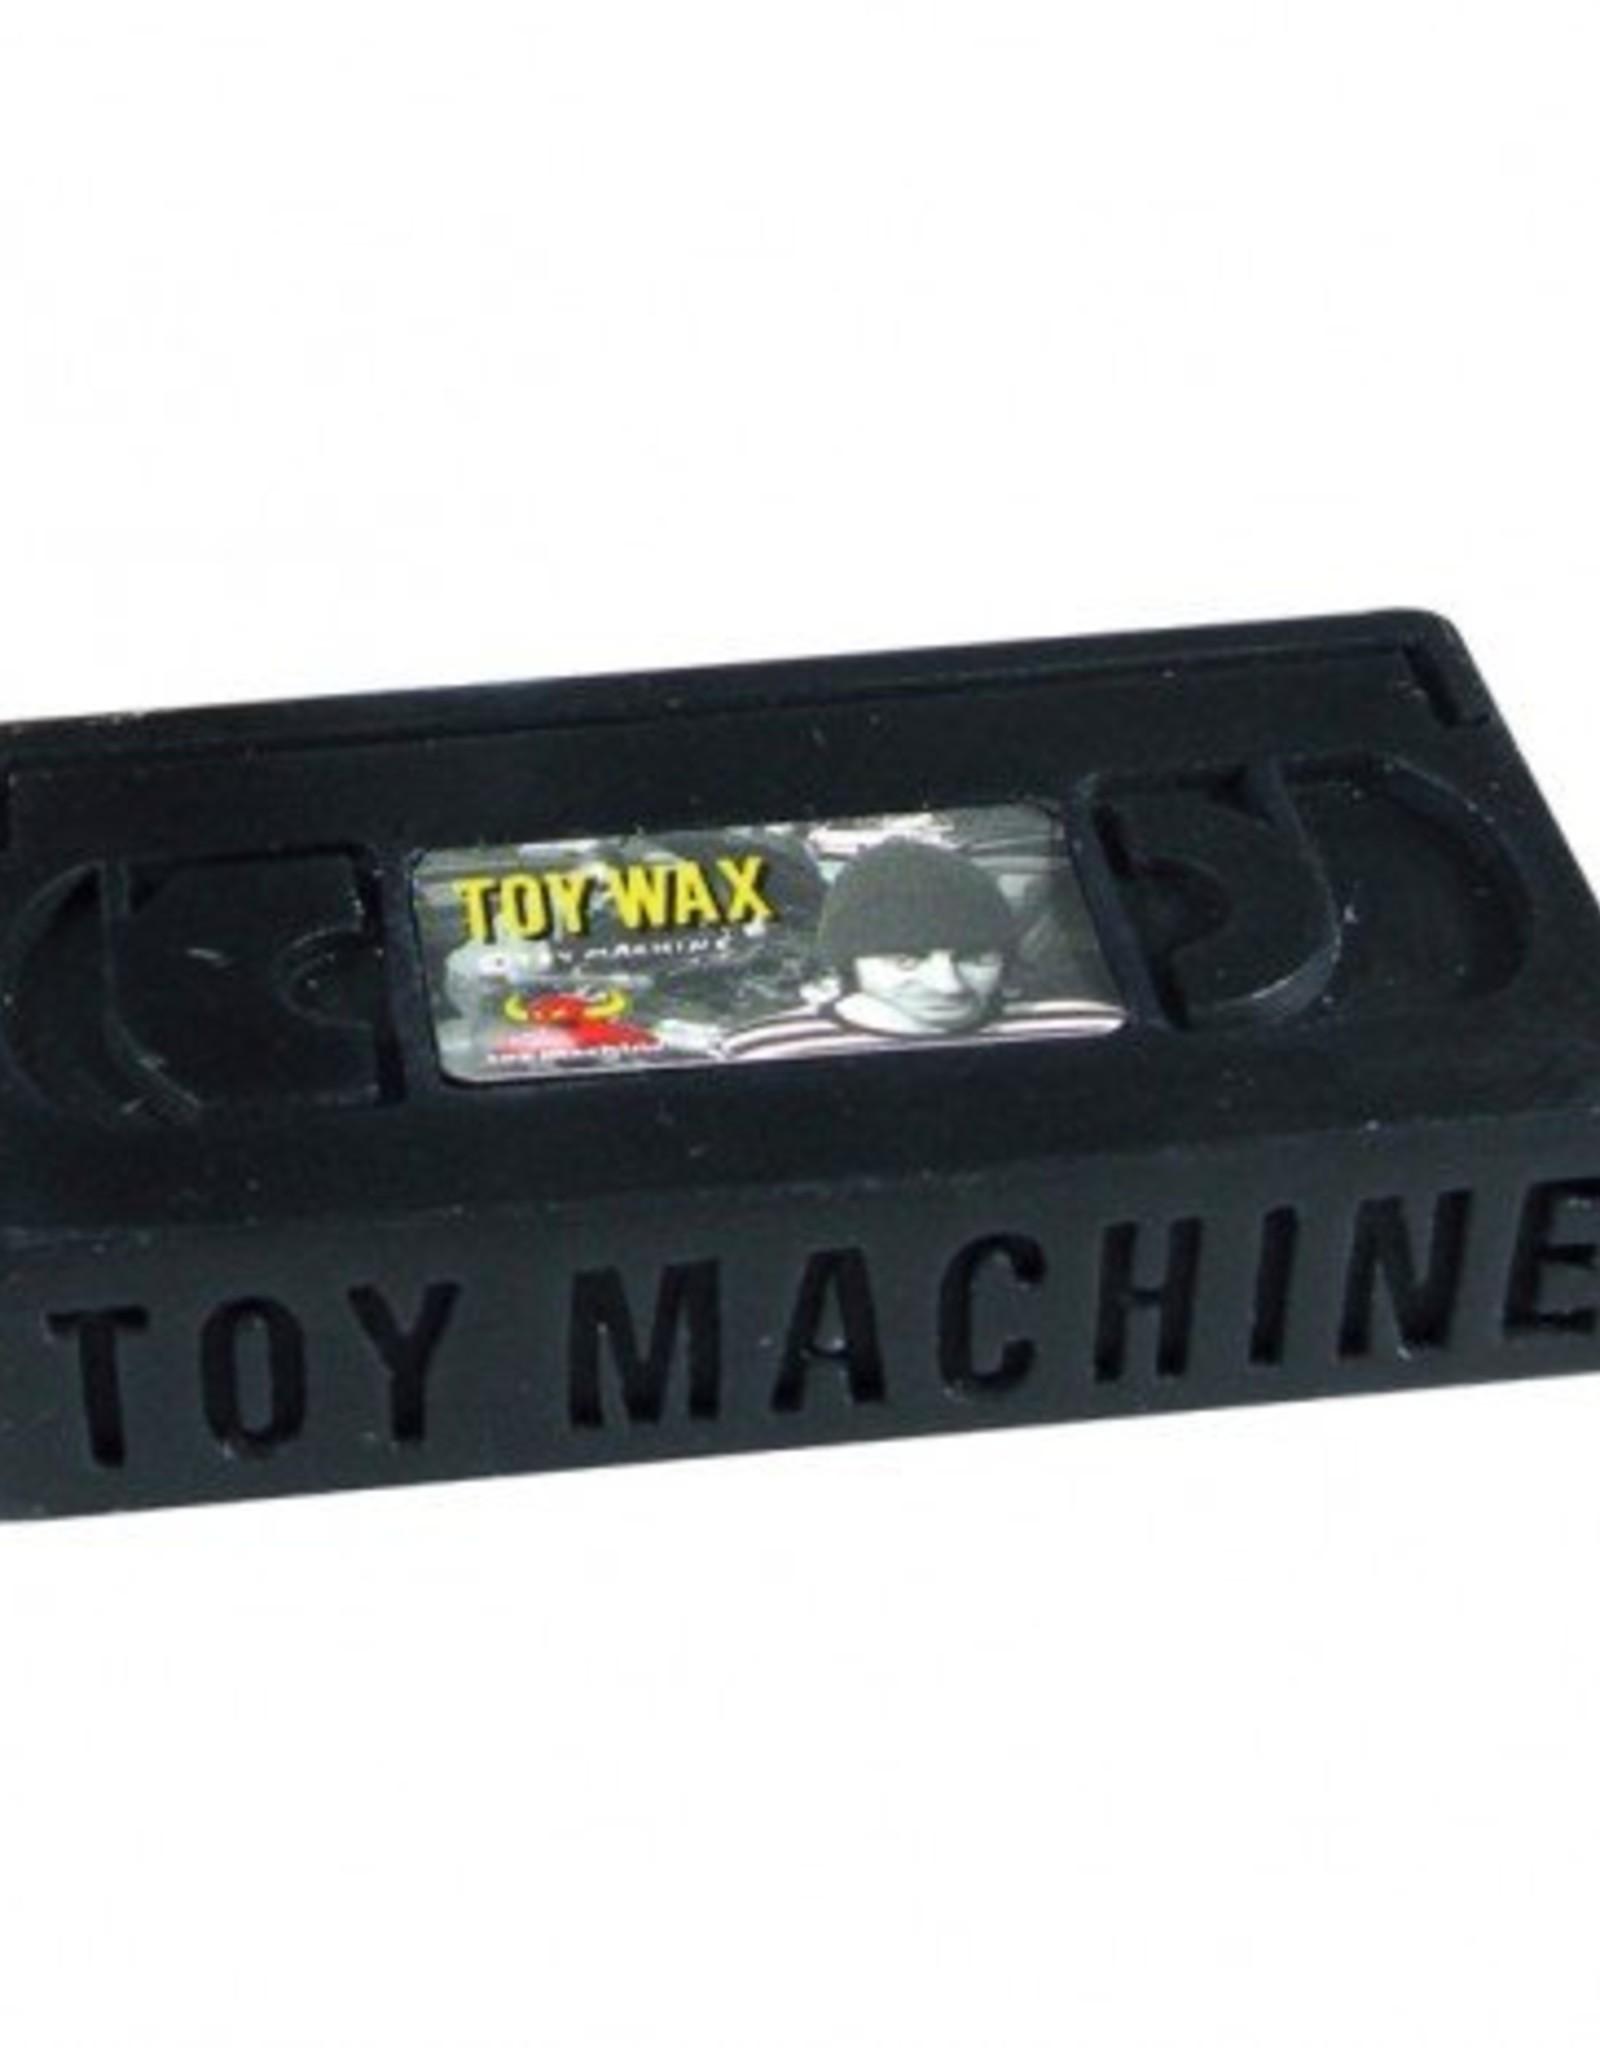 Toy Machine TOY MACHINE WAX BLACK